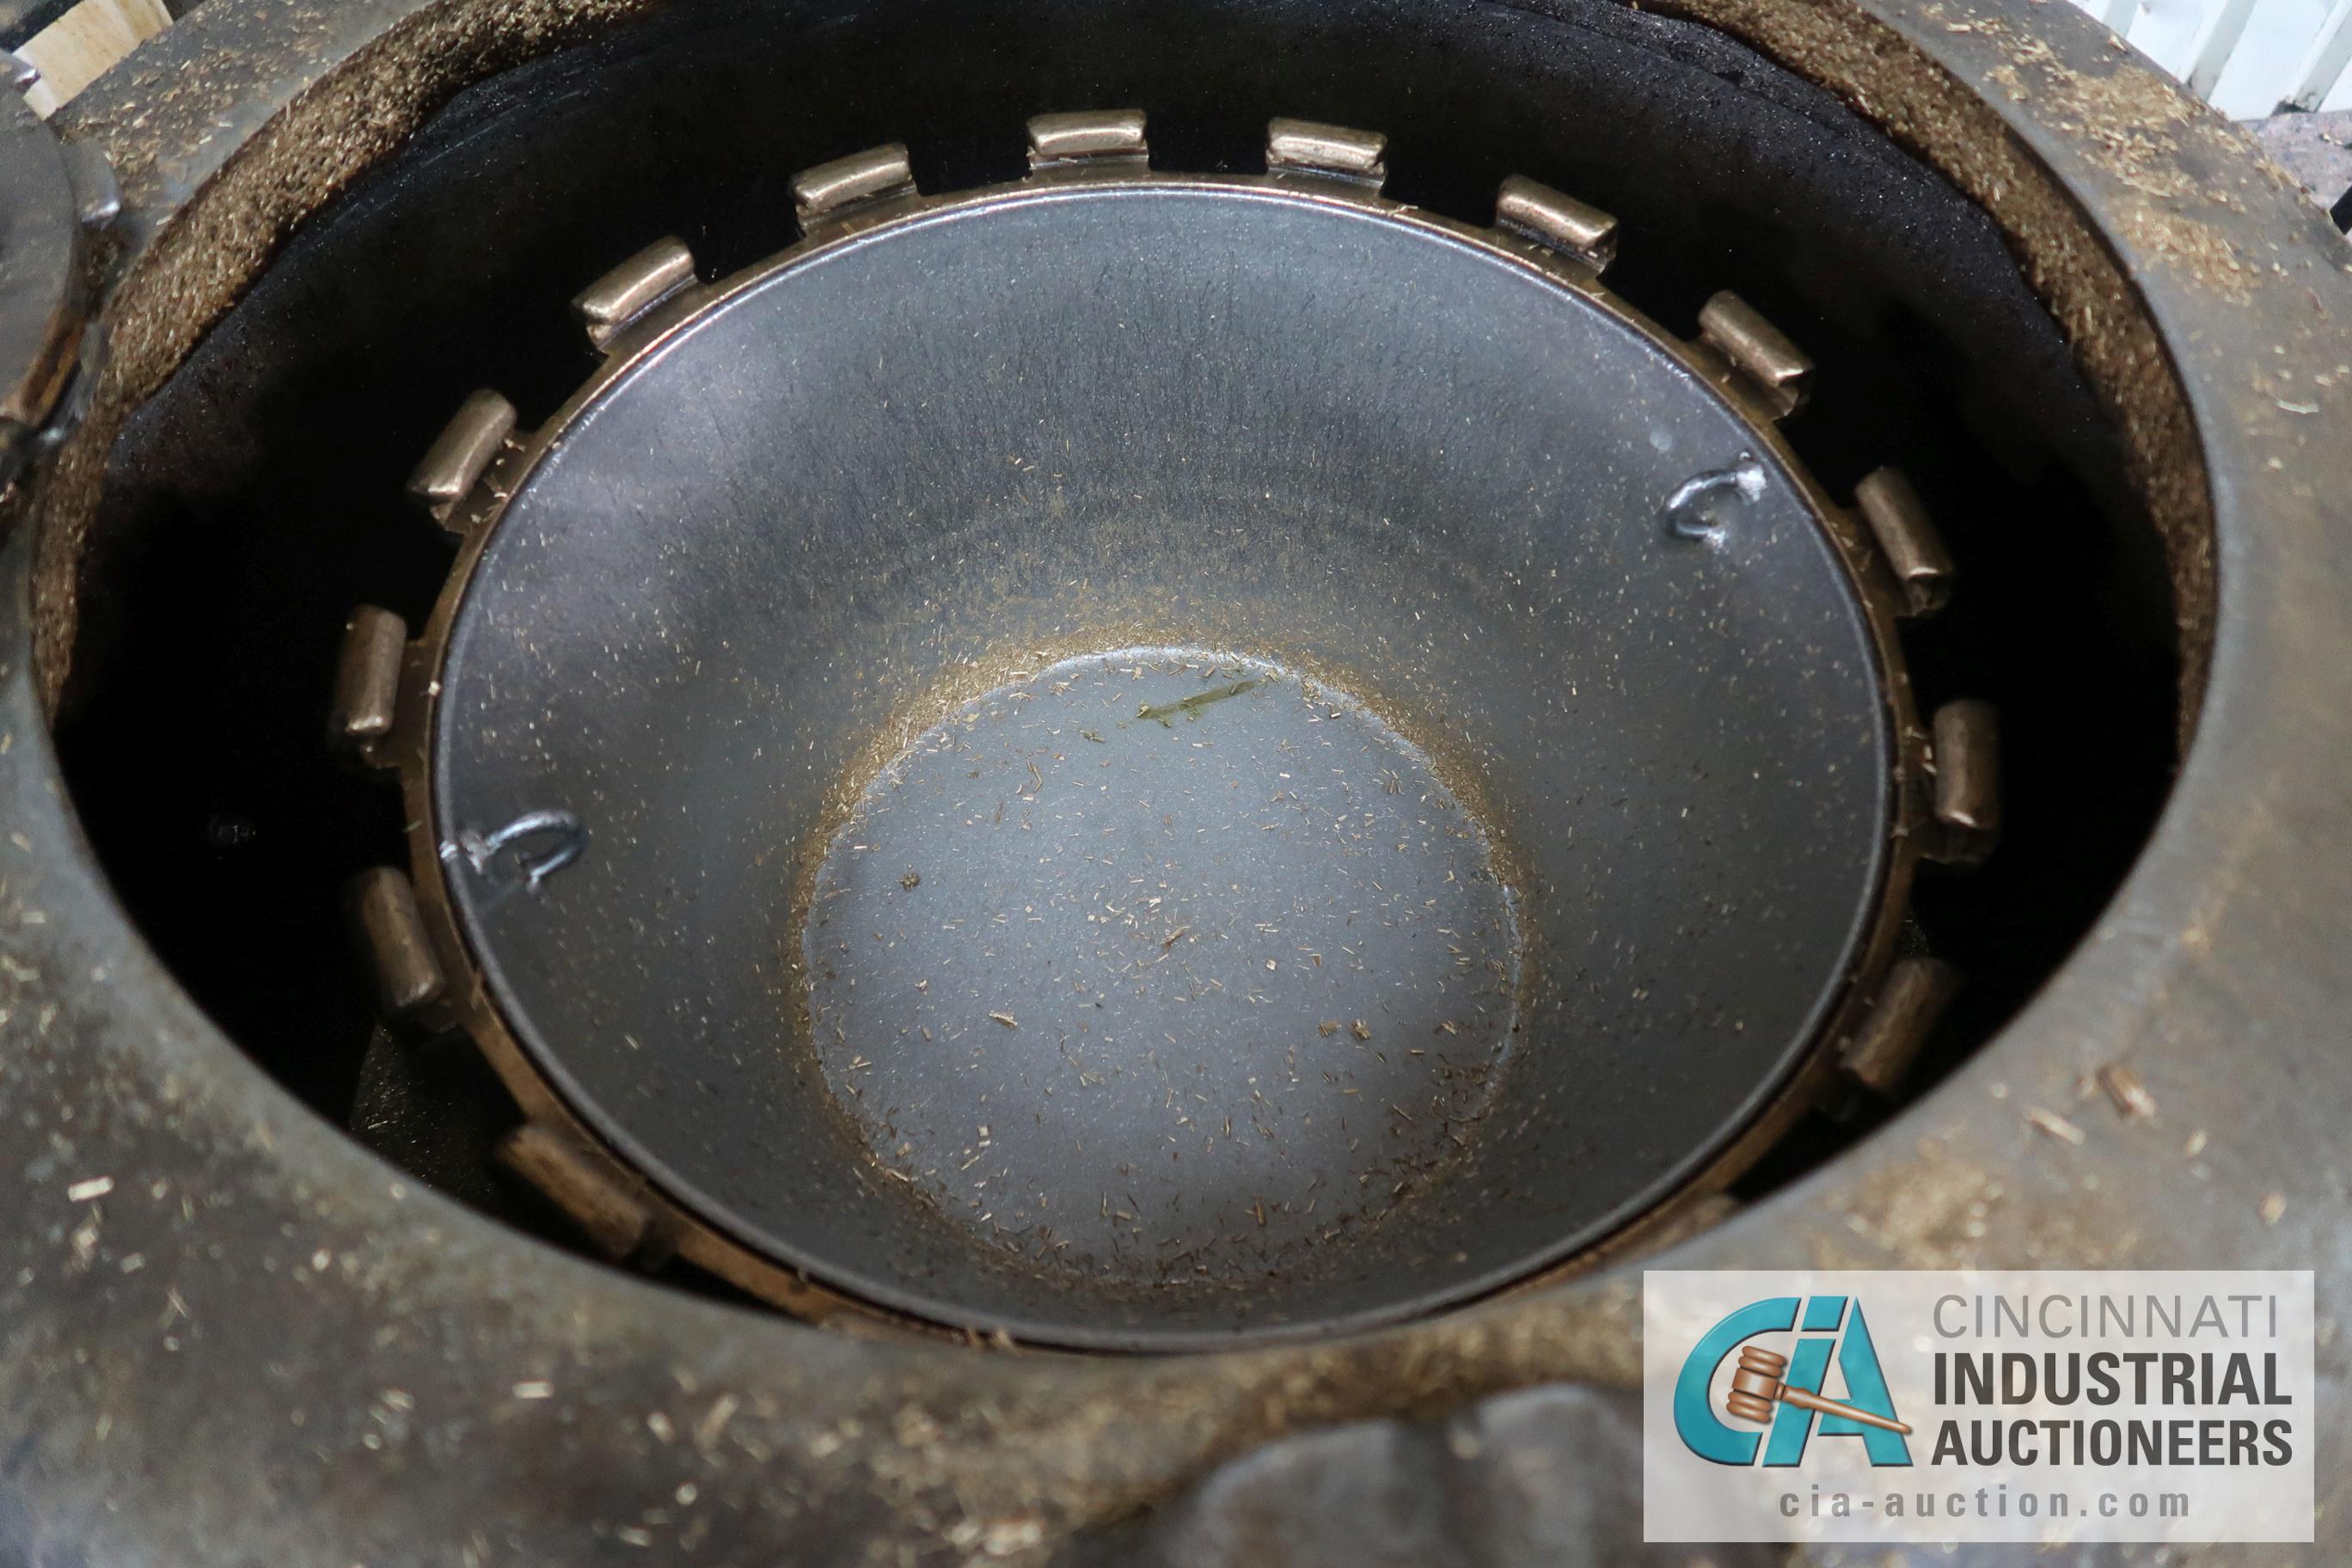 """18"""" BARRETT CENTRIFUGAL CHIP SPINNER; S/N 152239E - Image 2 of 2"""